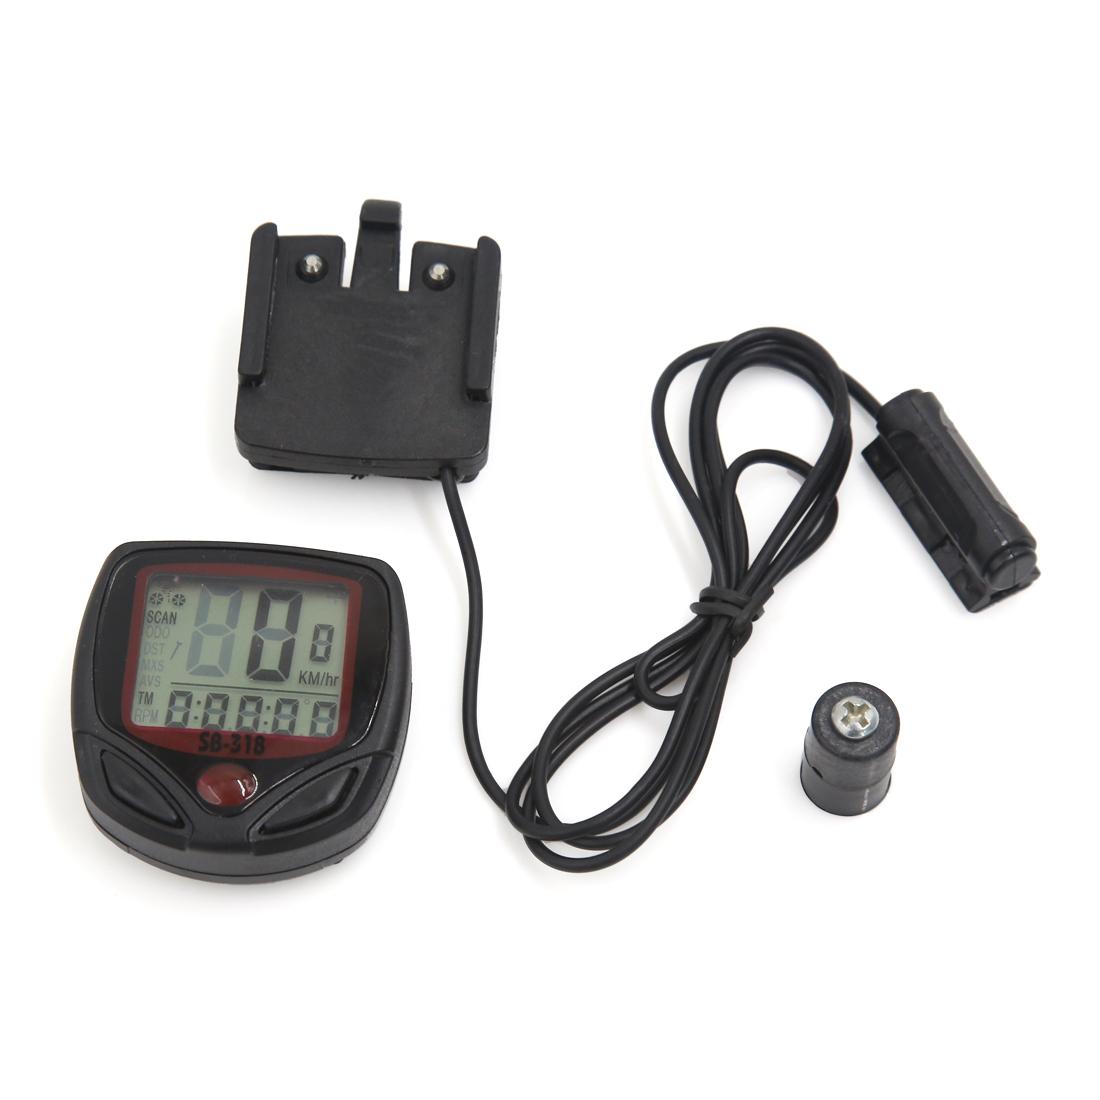 15 Functions Waterproof LCD Bicycle Odometer Bike Speedometer Stopwatch